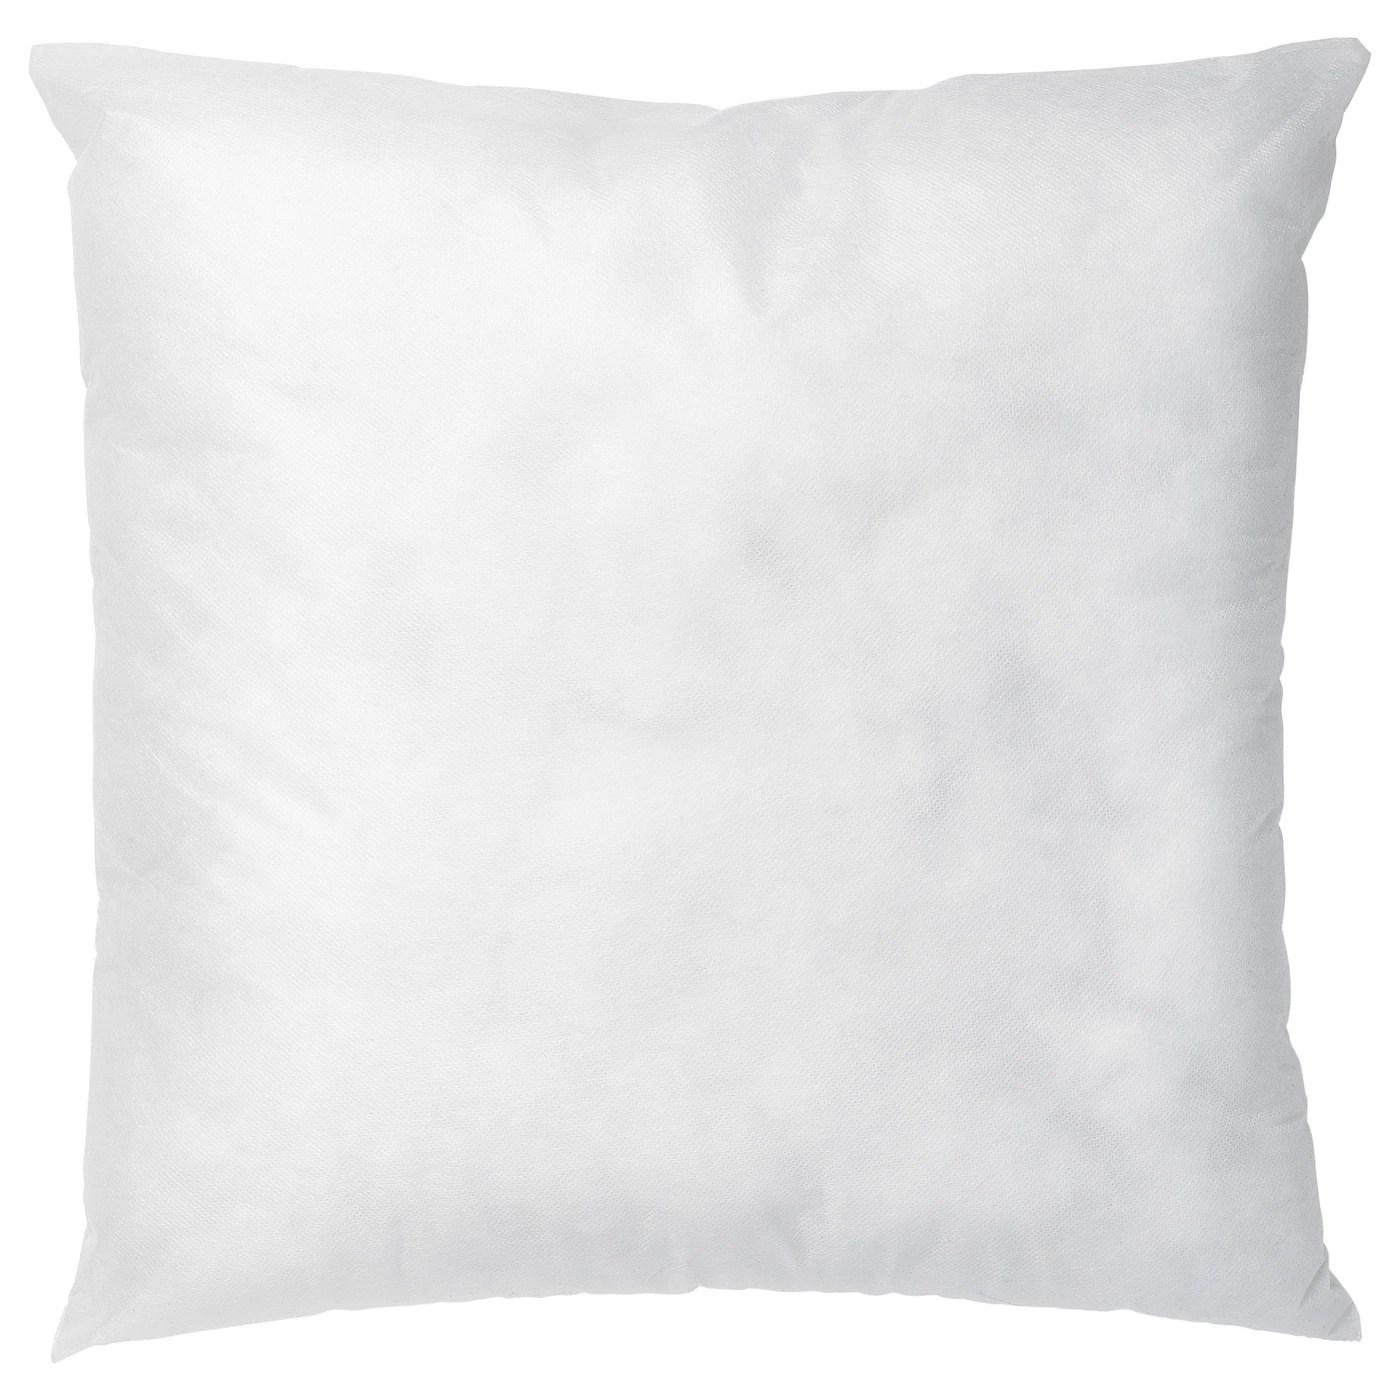 inner inner cushion white 20x20